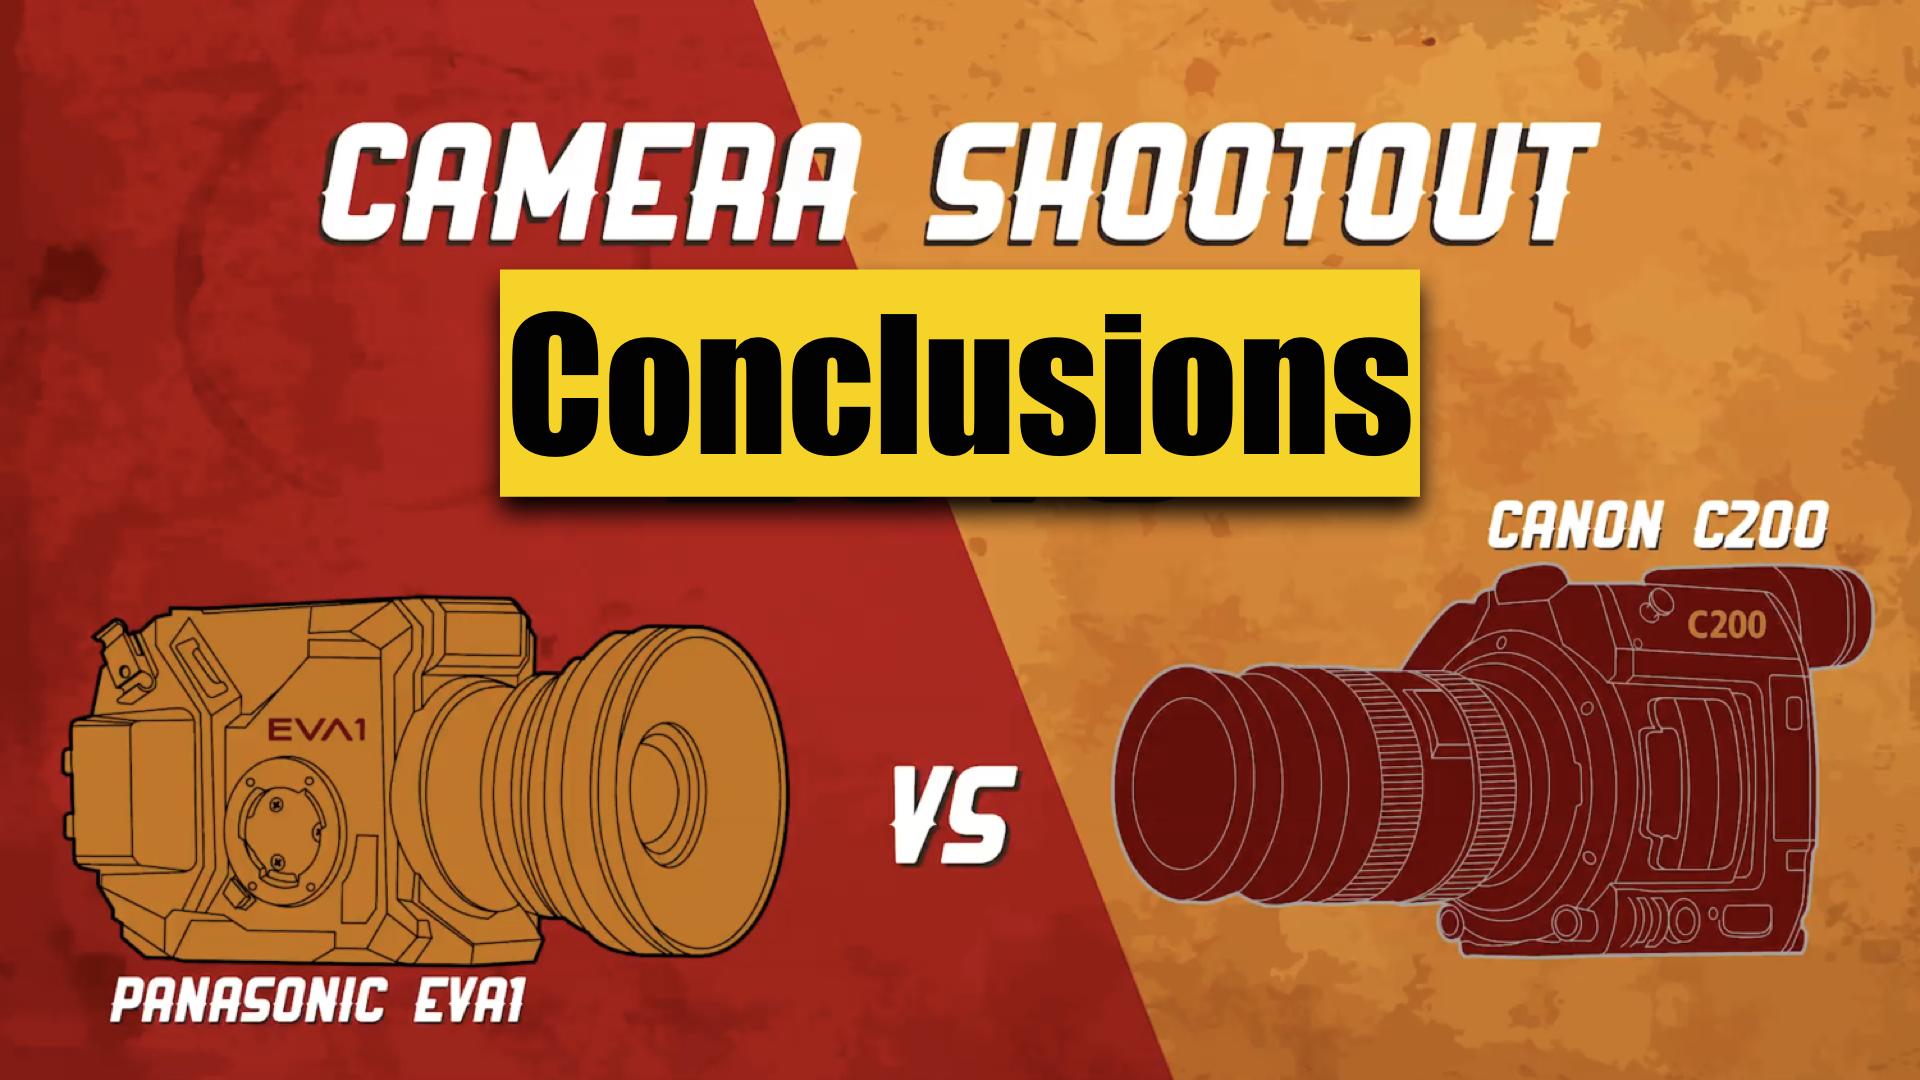 キヤノンC200 vsパナソニックEVA1  Zacuto Camera Shootout 2018の結果報告